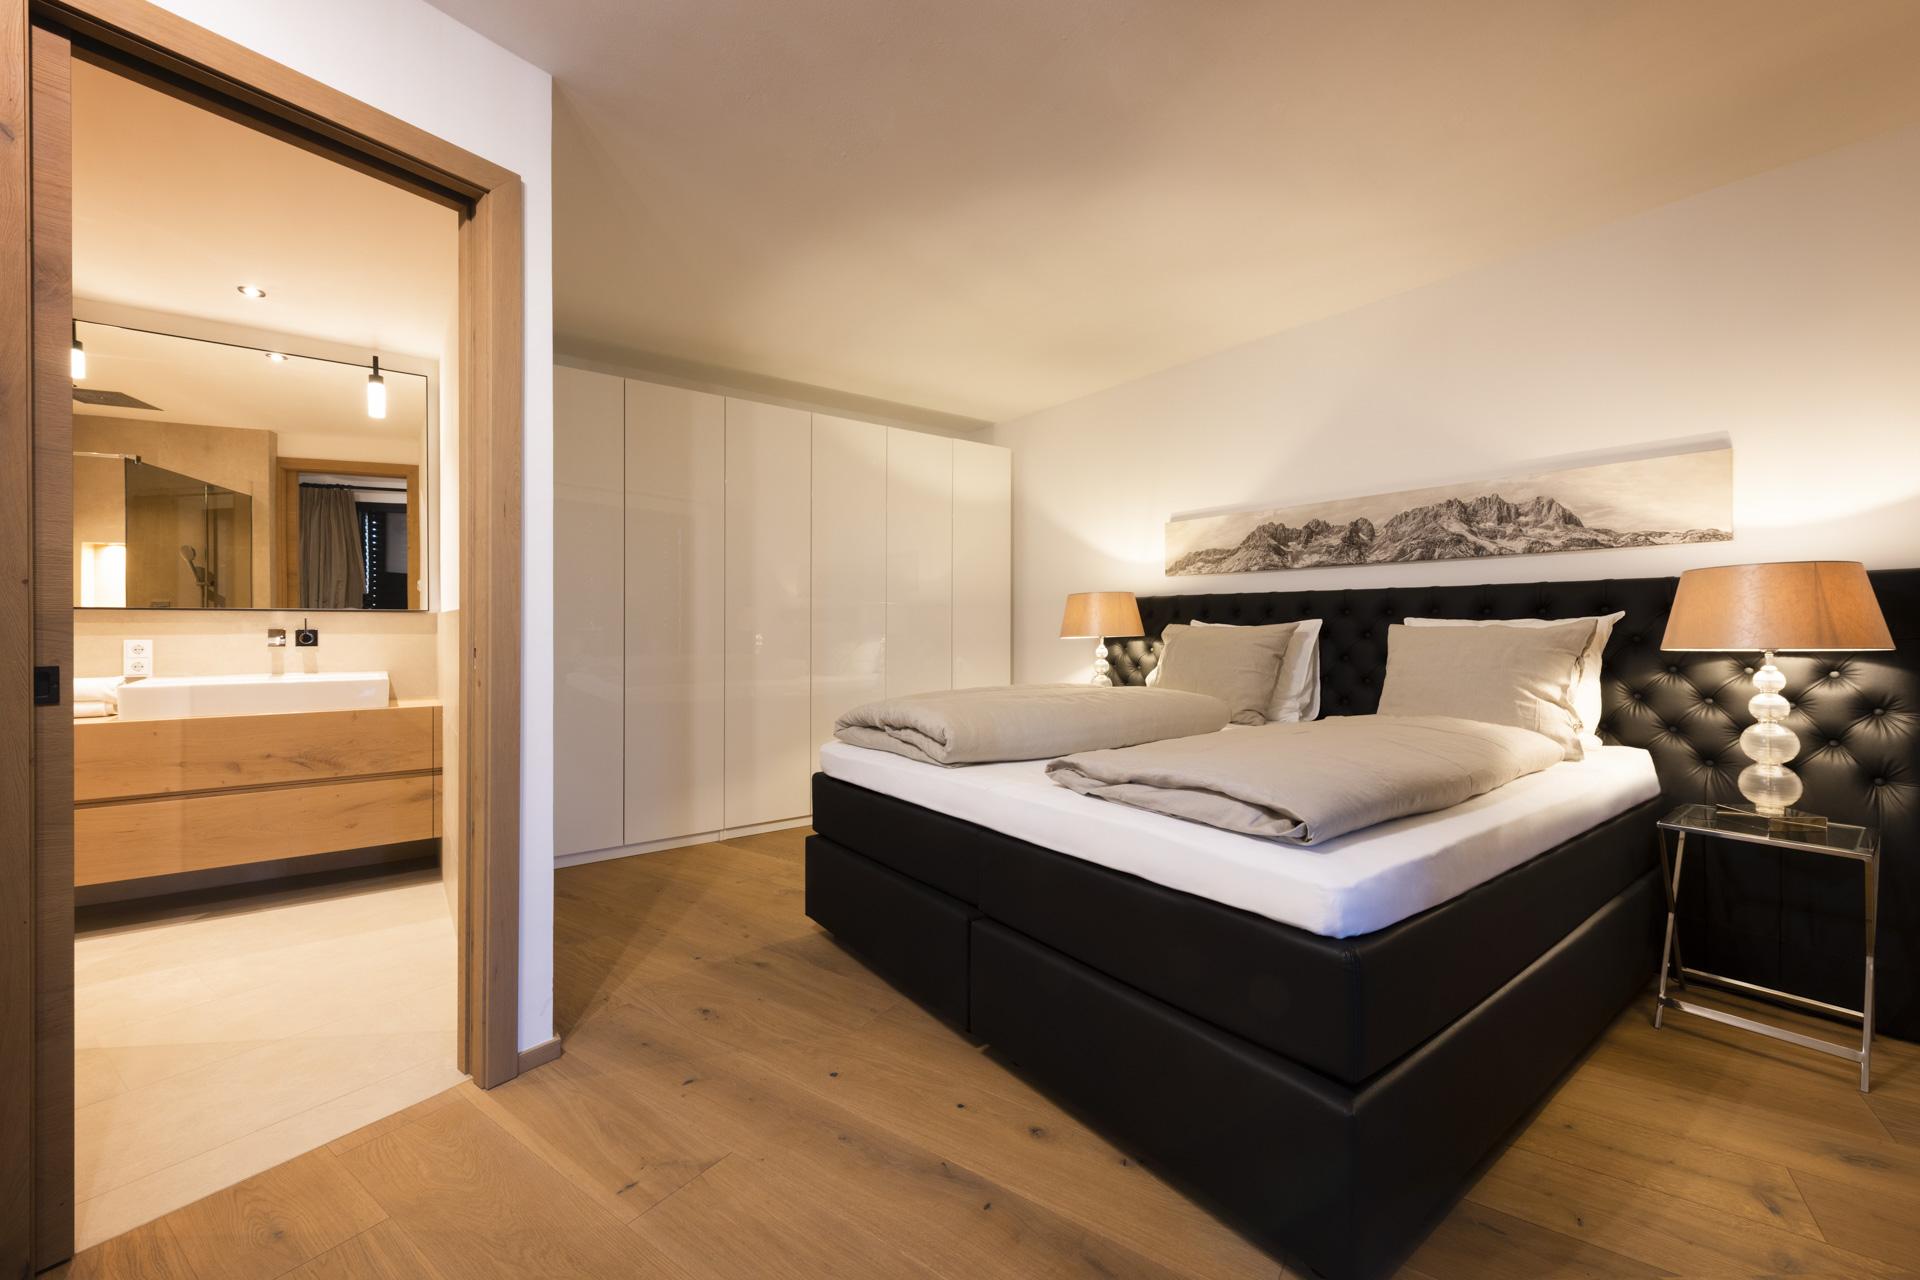 Tischlerei-Decker-Projekte-Wohnung-D-Schlafzimmer-mit-Bad